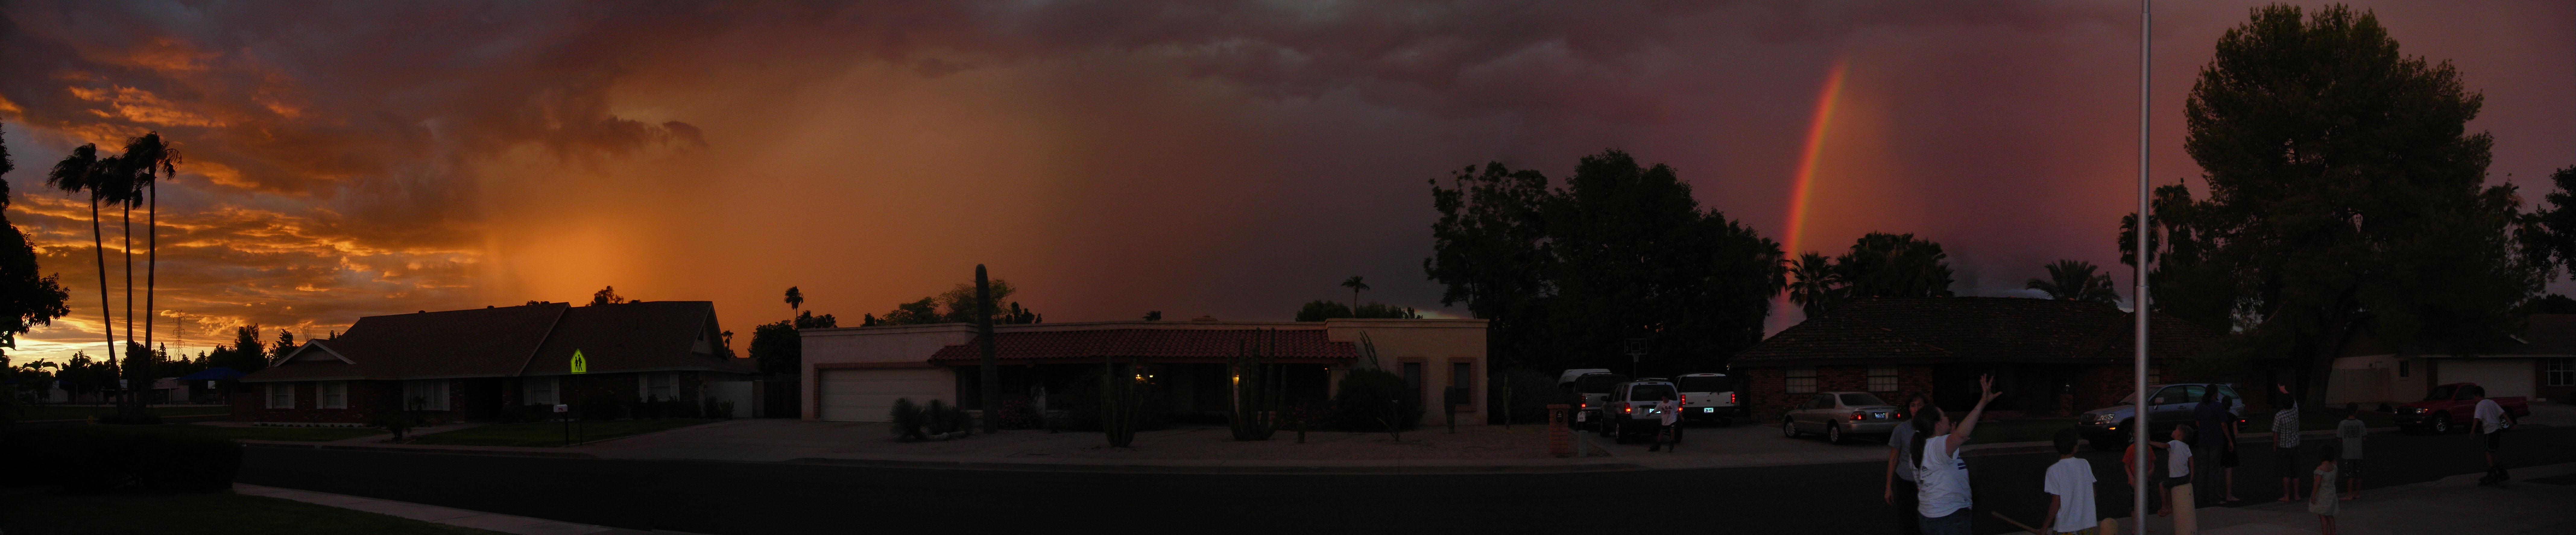 Awesome Arizona Monsoon Sky